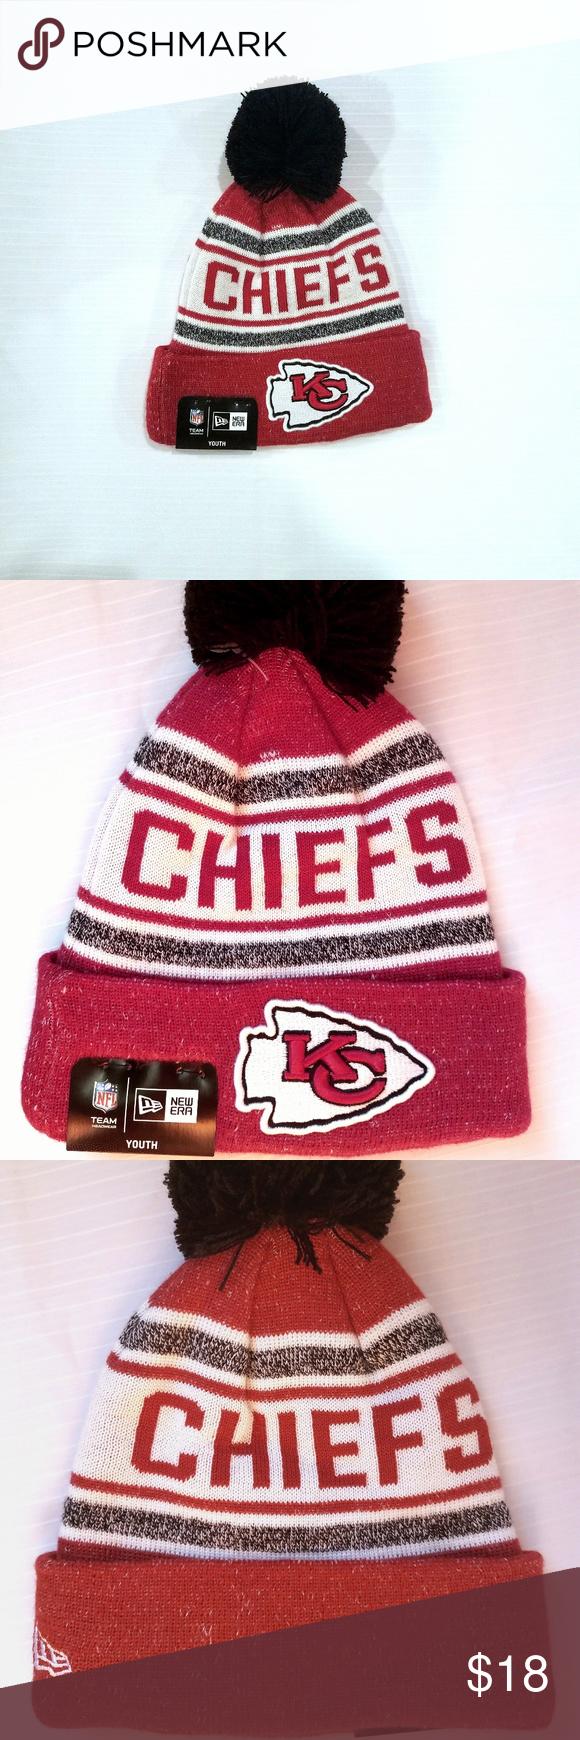 ba1e6b989c0 NWT Kansas City Chiefs Youth New Era Stocking Hat NWT New Era Kansas City  Chiefs Jr